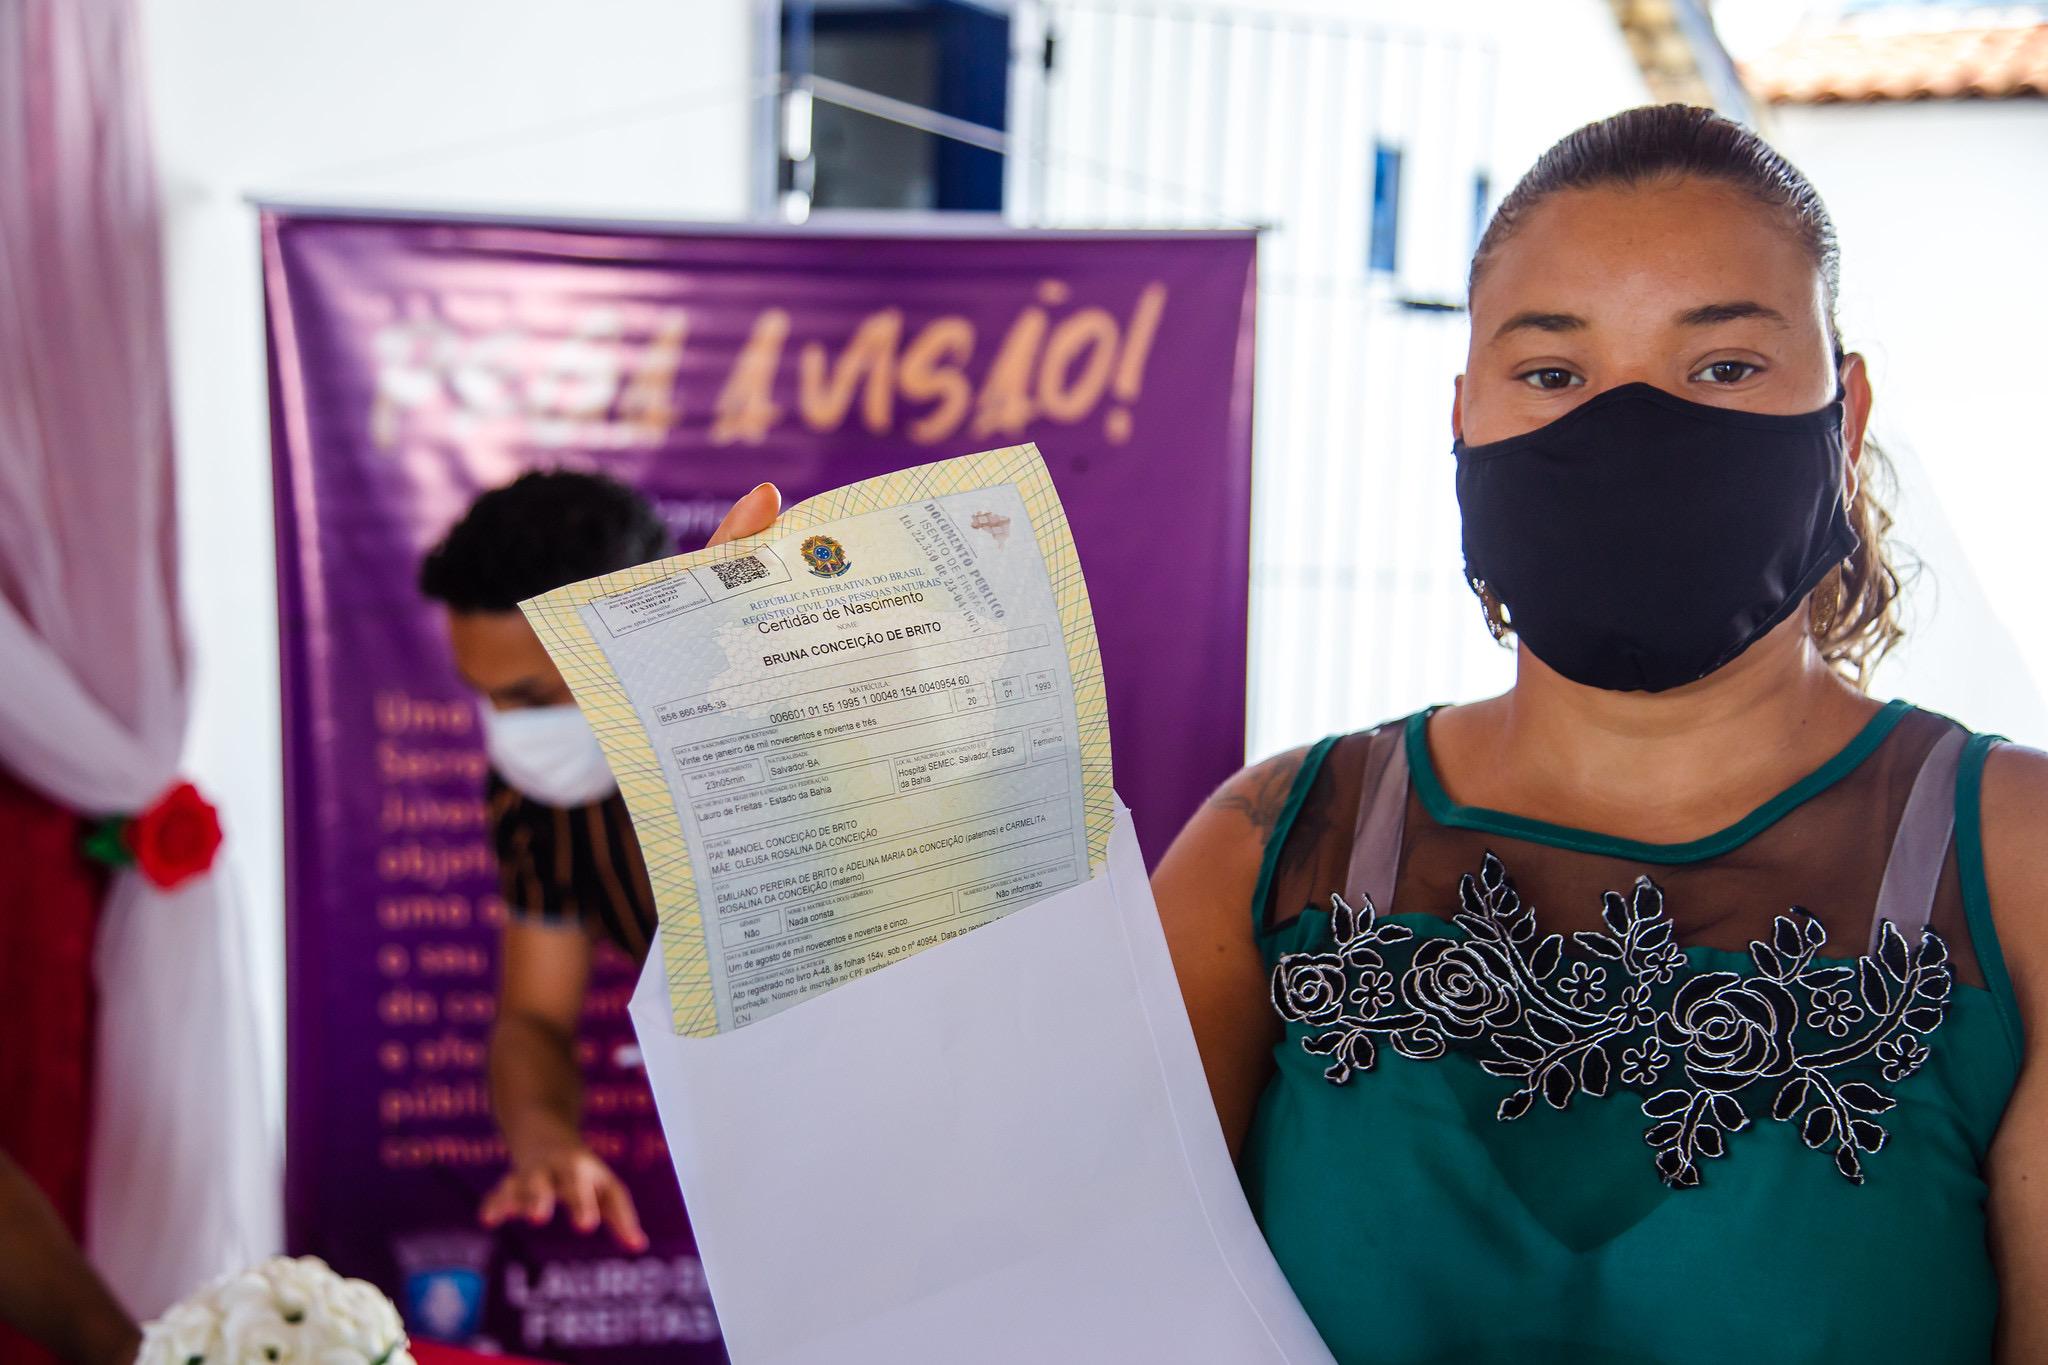 Com a entrega de certidões de nascimento, SEJU leva mais cidadania ao bairro de Portão